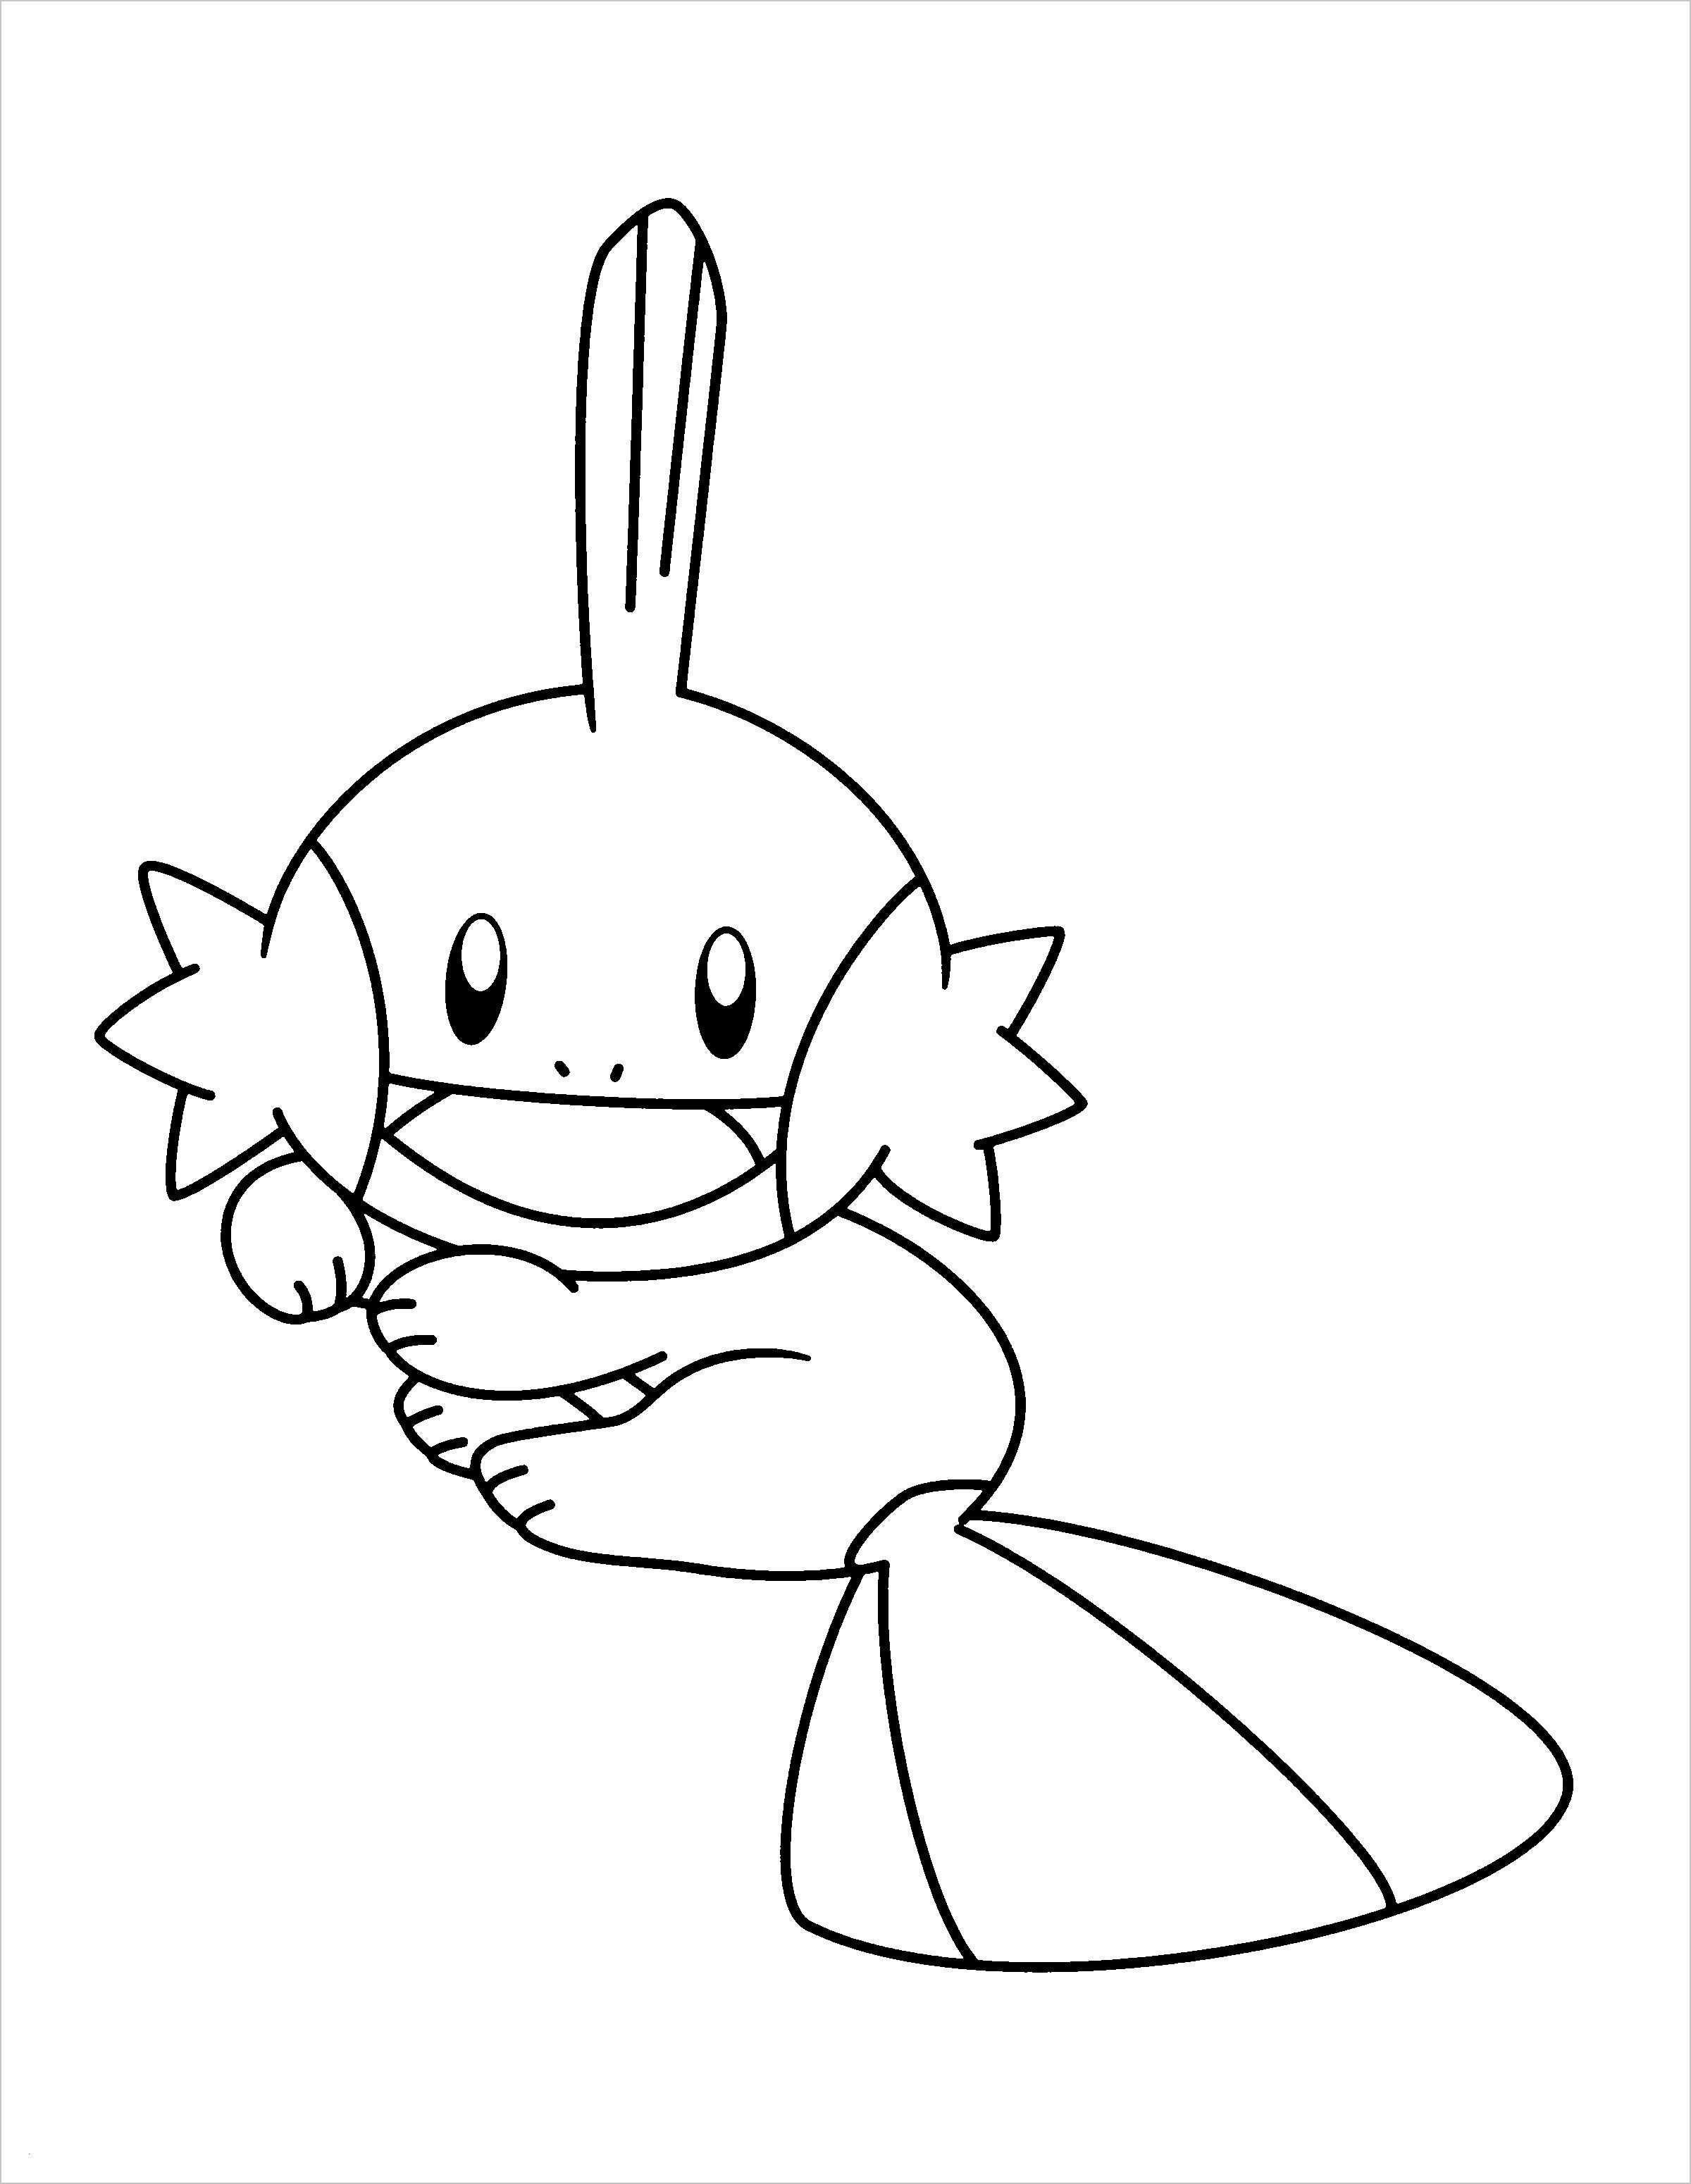 Malvorlagen Pokemon Pikachu Das Beste Von Eben Ausmalbilder Pokemon Pikachu Citadingue Das Bild